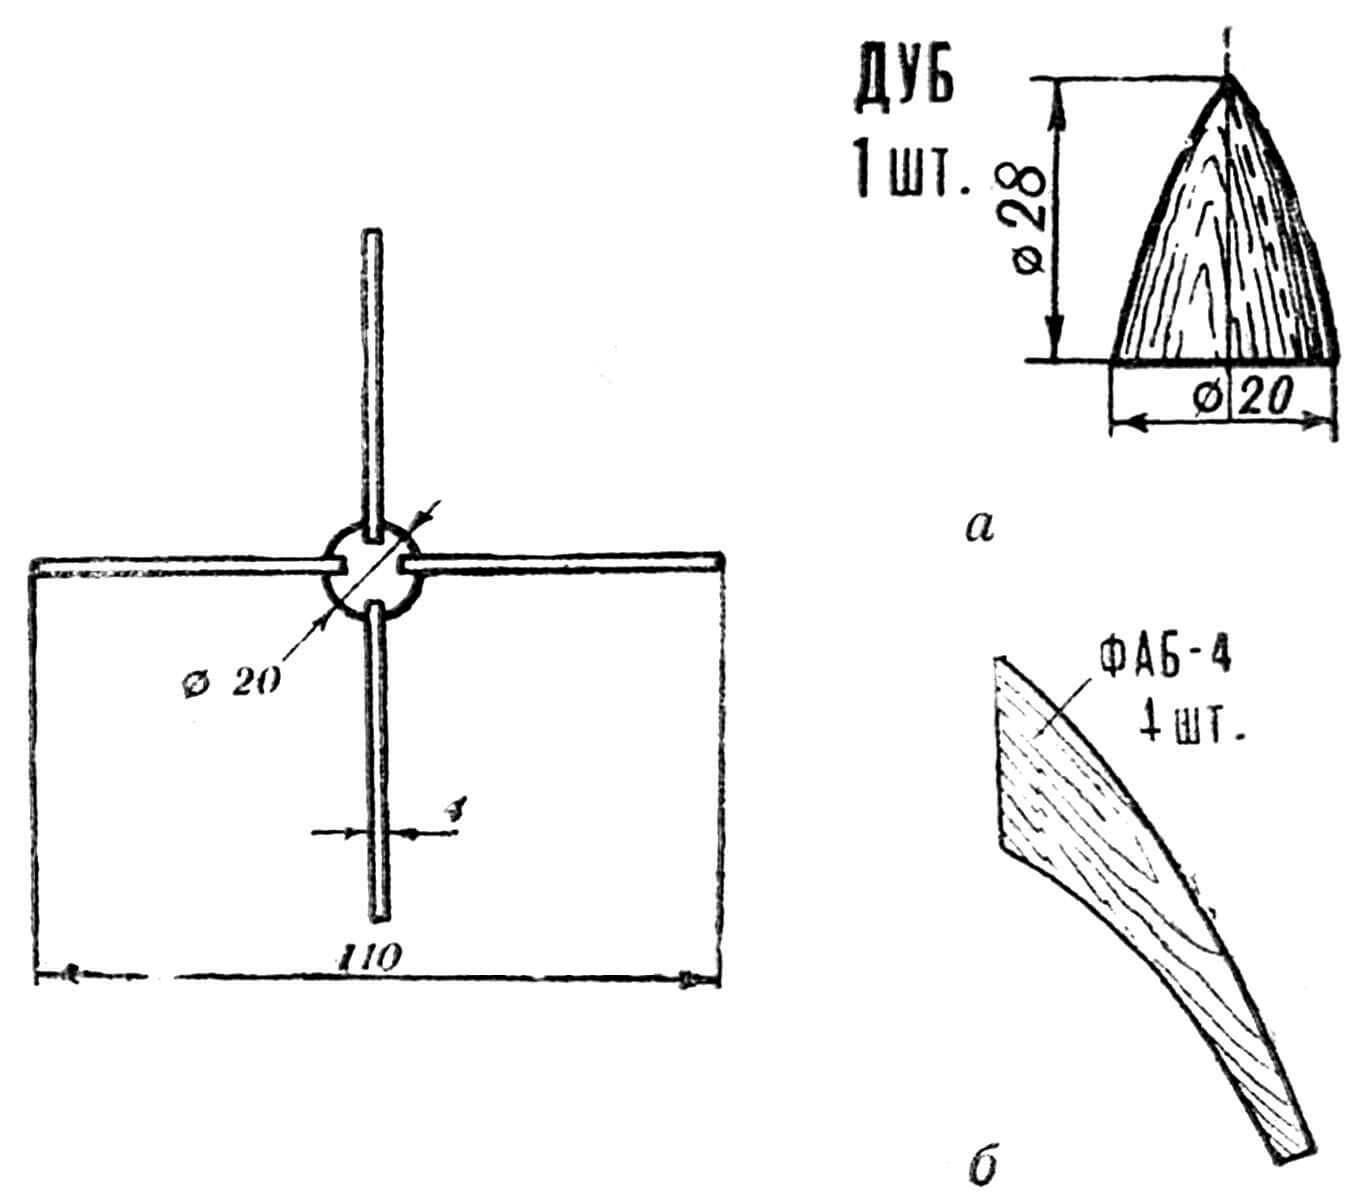 РИС. 9. РЕШЕТКА (дет. 17) в сборе: а — бобышка (дет. 16) обтекателя, б — крыло решетки.